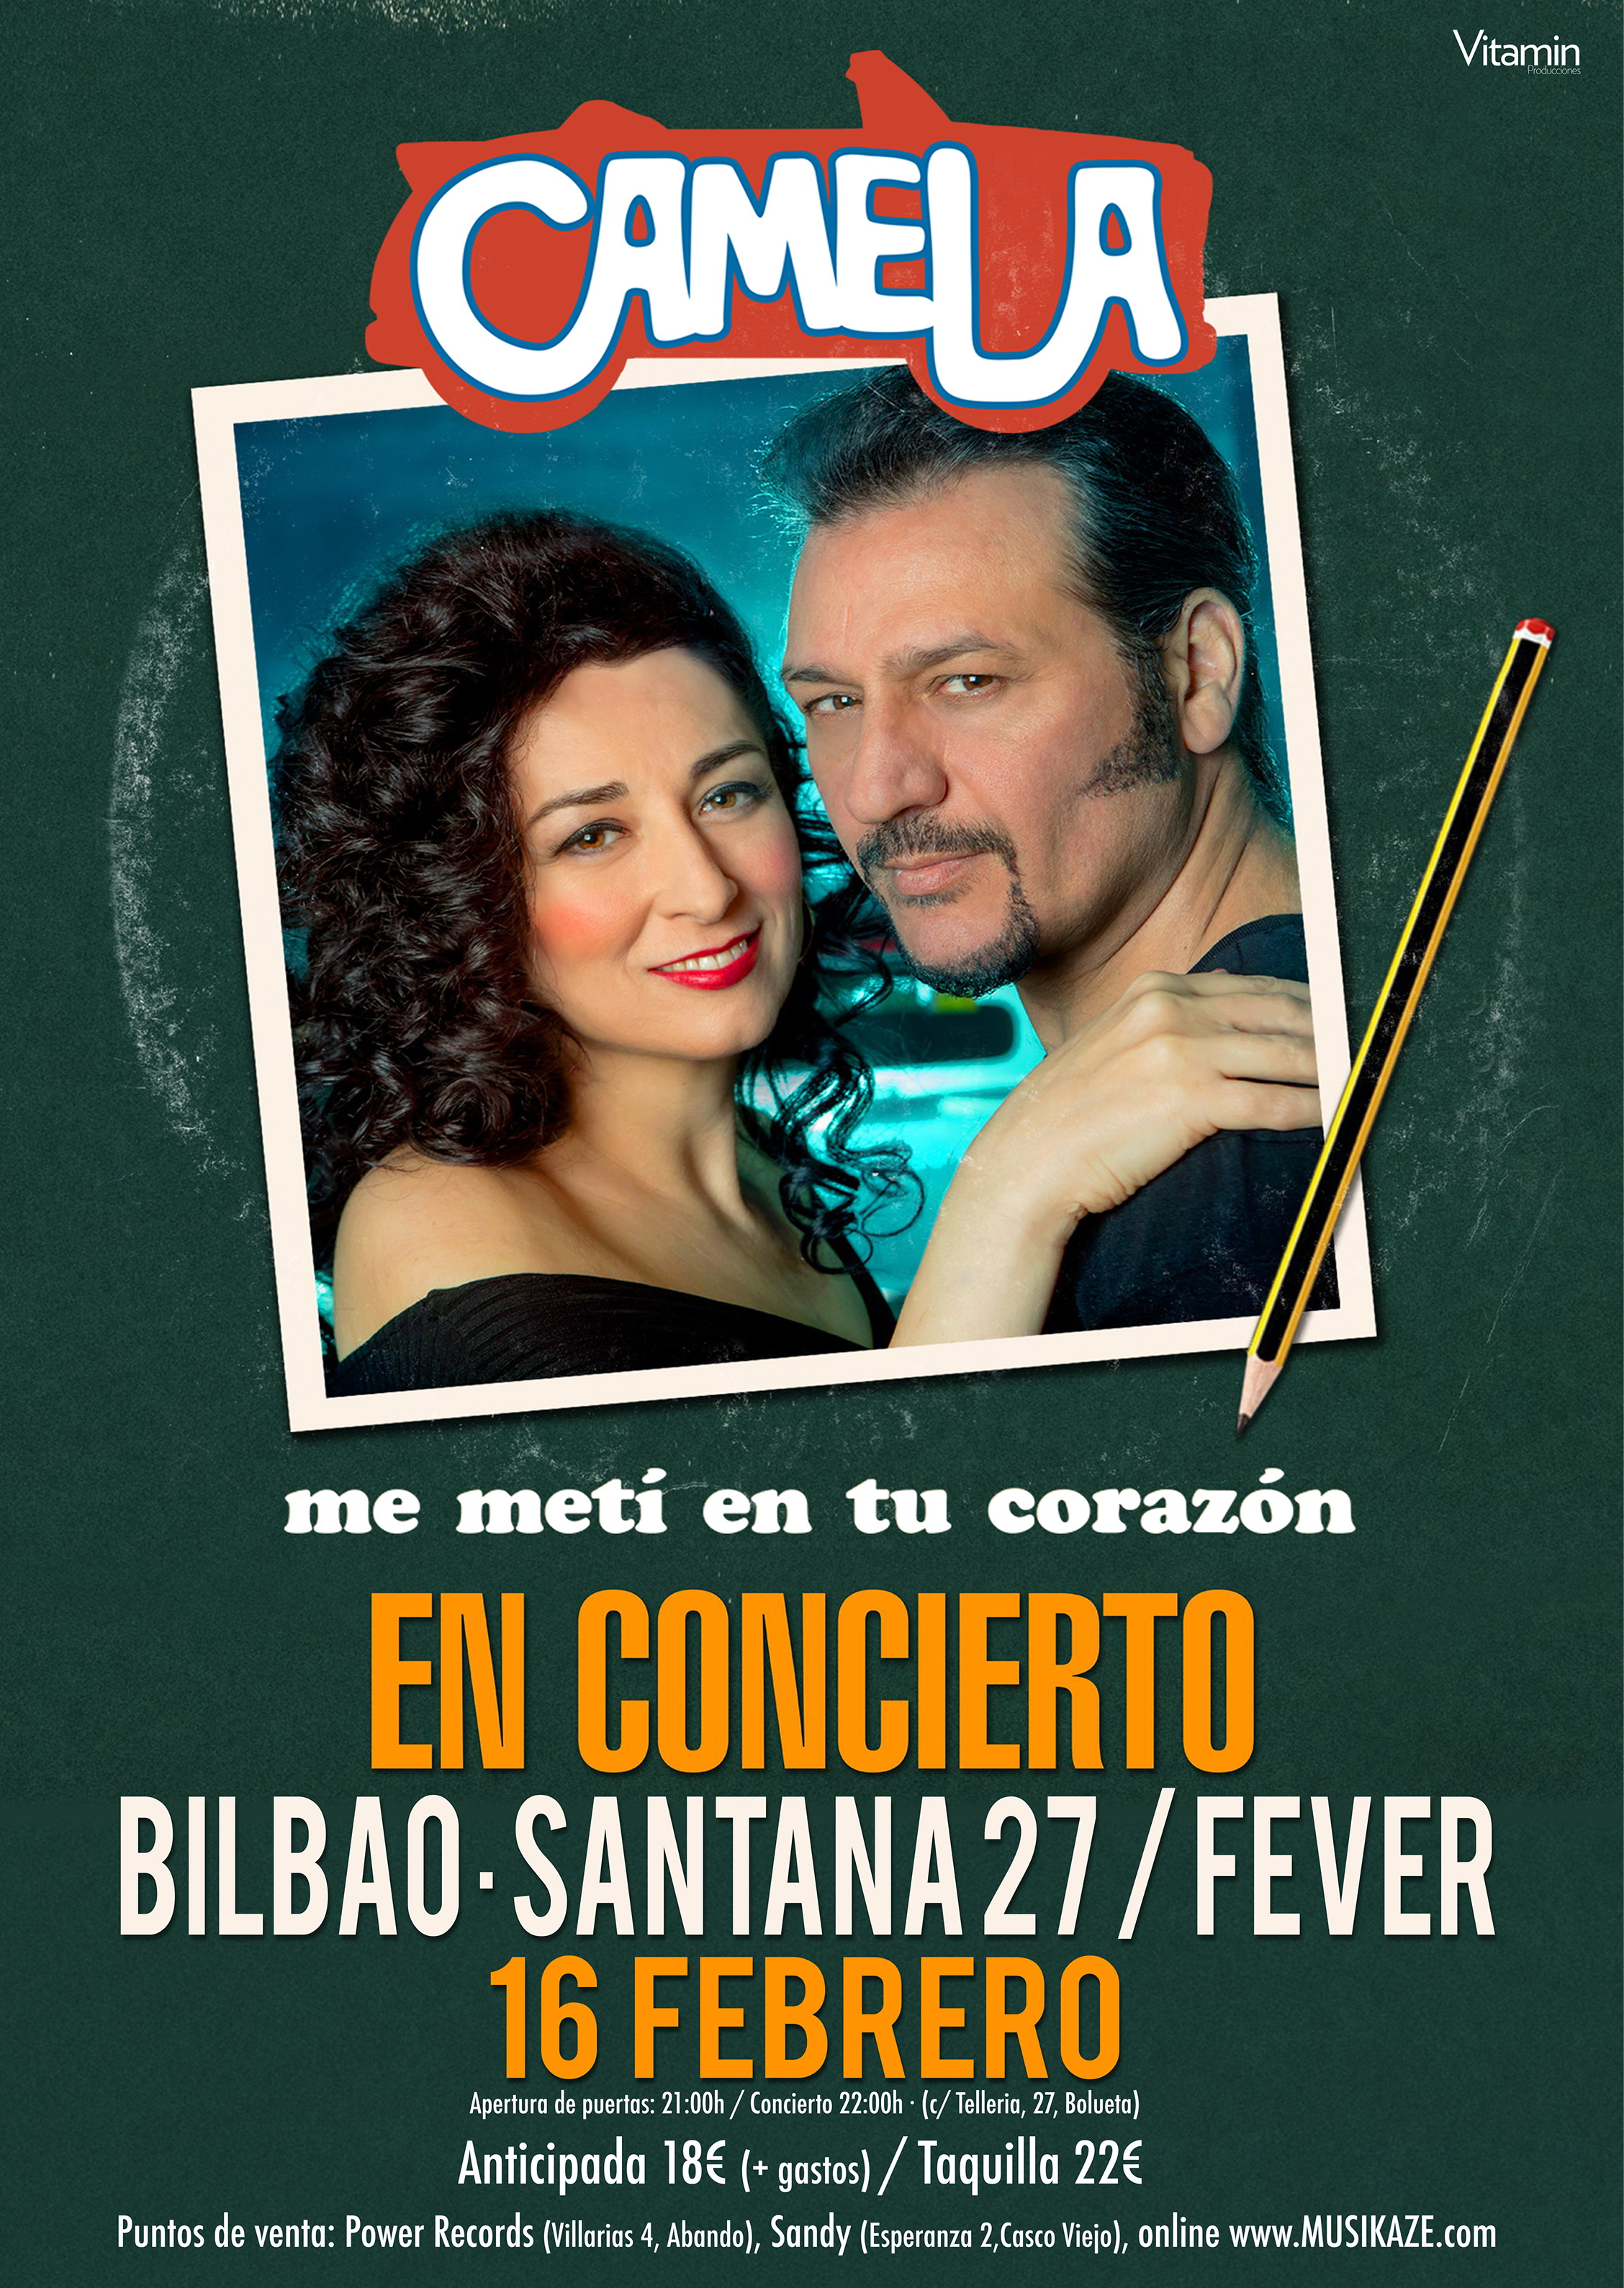 WEB_Camela_Bilbao